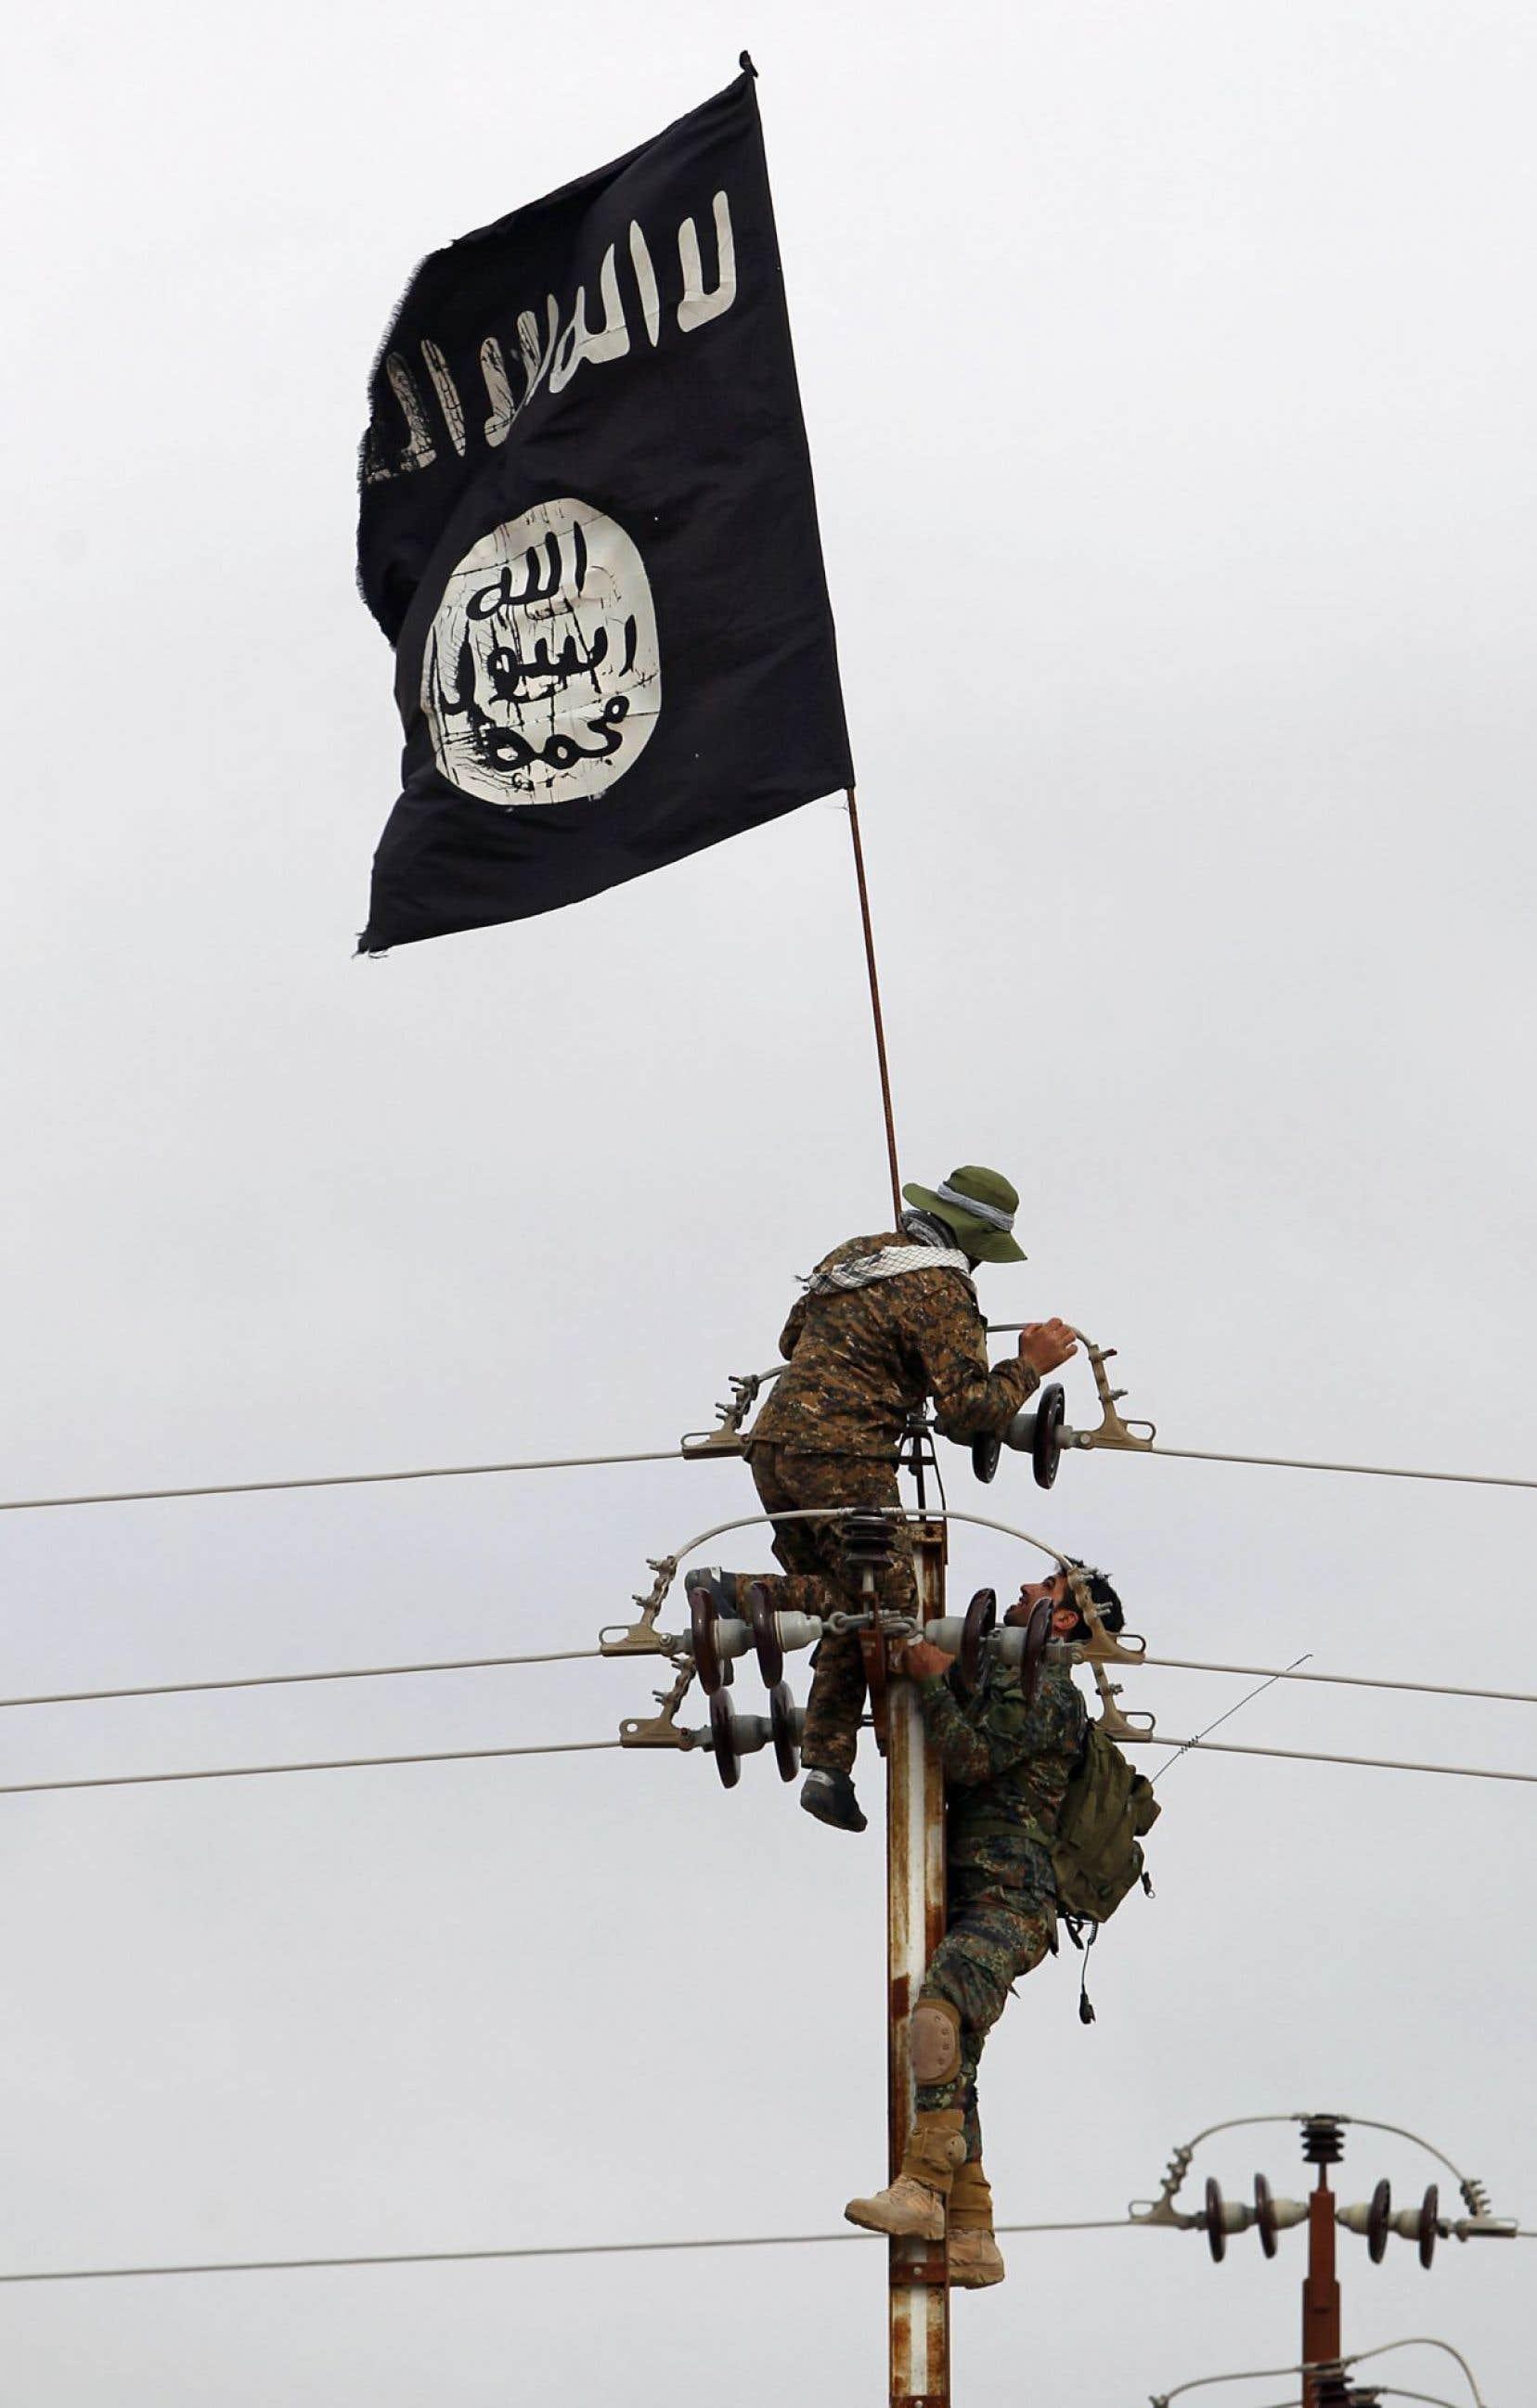 Au Proche-Orient, la marginalisation sociale n'explique pas à elle seule pourquoi le groupe État islamique tranche la tête des coptes et des yézidis qui refusent de se convertir à l'islam, et pourquoi les femmes yézidies sont considérées comme des «butins de guerre». Sur la photo, des combattants chiites irakiens retirent un drapeau du groupe État islamique.